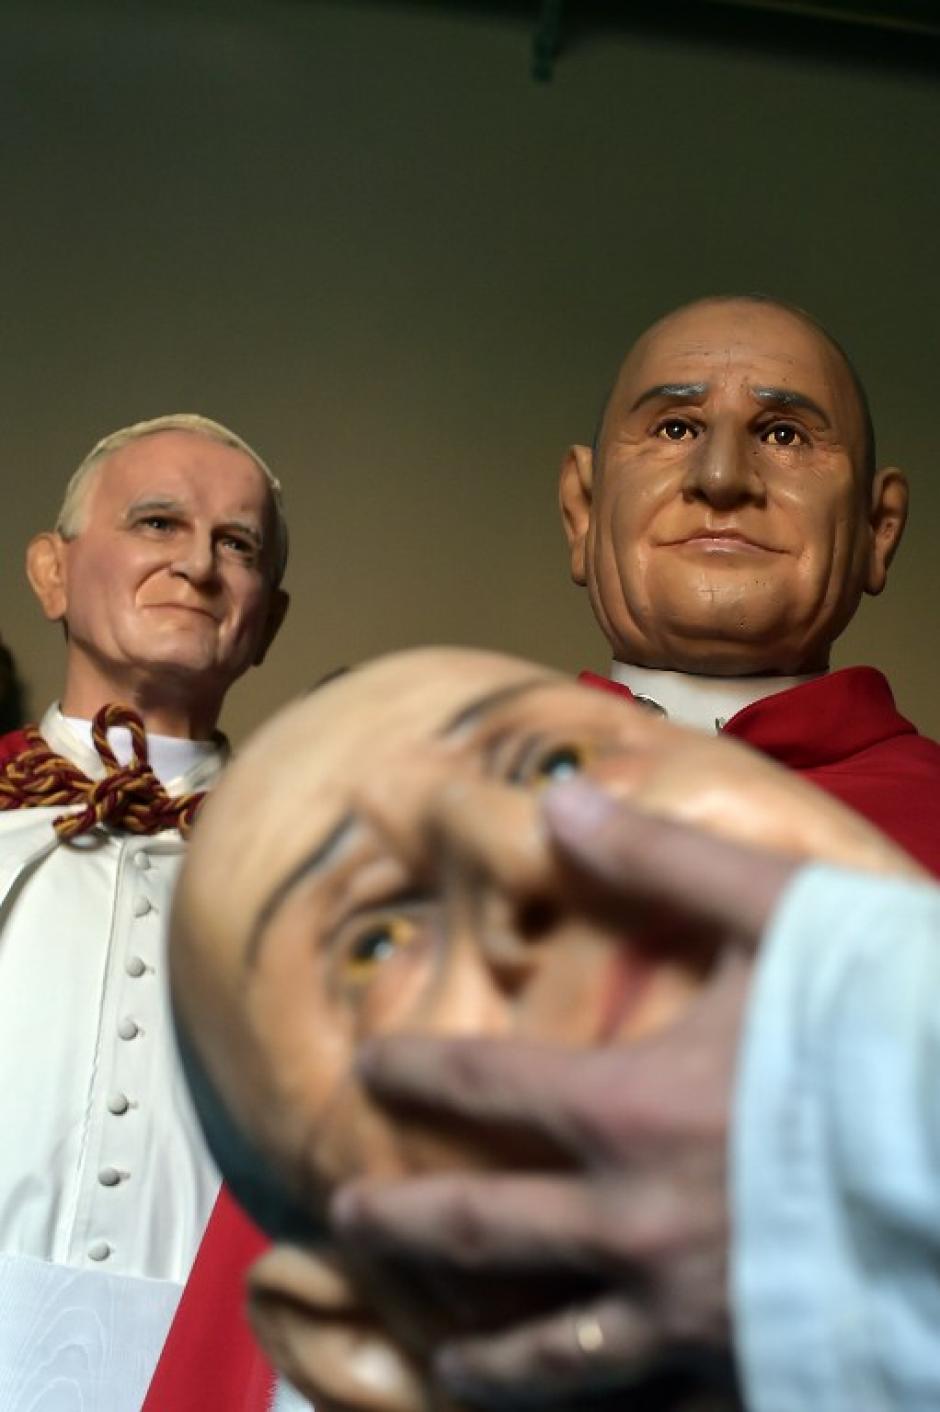 el Papa Francisco ha decretado que los Beatos Juan XXIII y Juan Pablo II sean canonizados, es decir inscritos en el Libro de los Santos, el 27 de abril del próximo año 2014, segundo domingo de Pascua, día dedicado a la Divina Misericordia. (Foto: AFP)